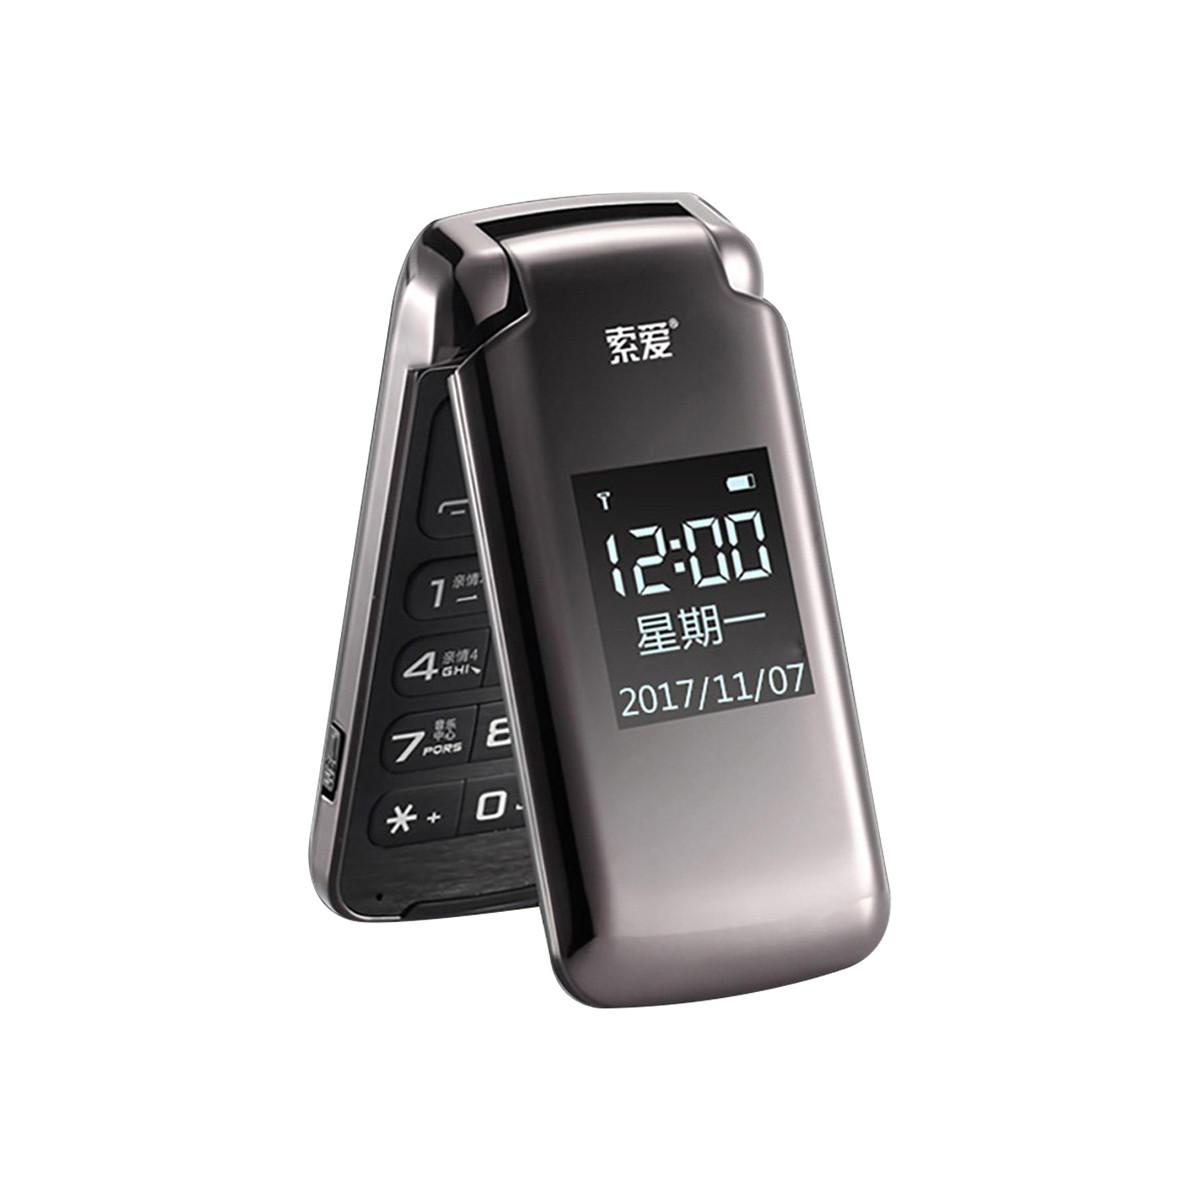 索爱sa-z8双屏翻盖老人机电信版老人手机大屏超长待机正品SA-Z8-亮黑色